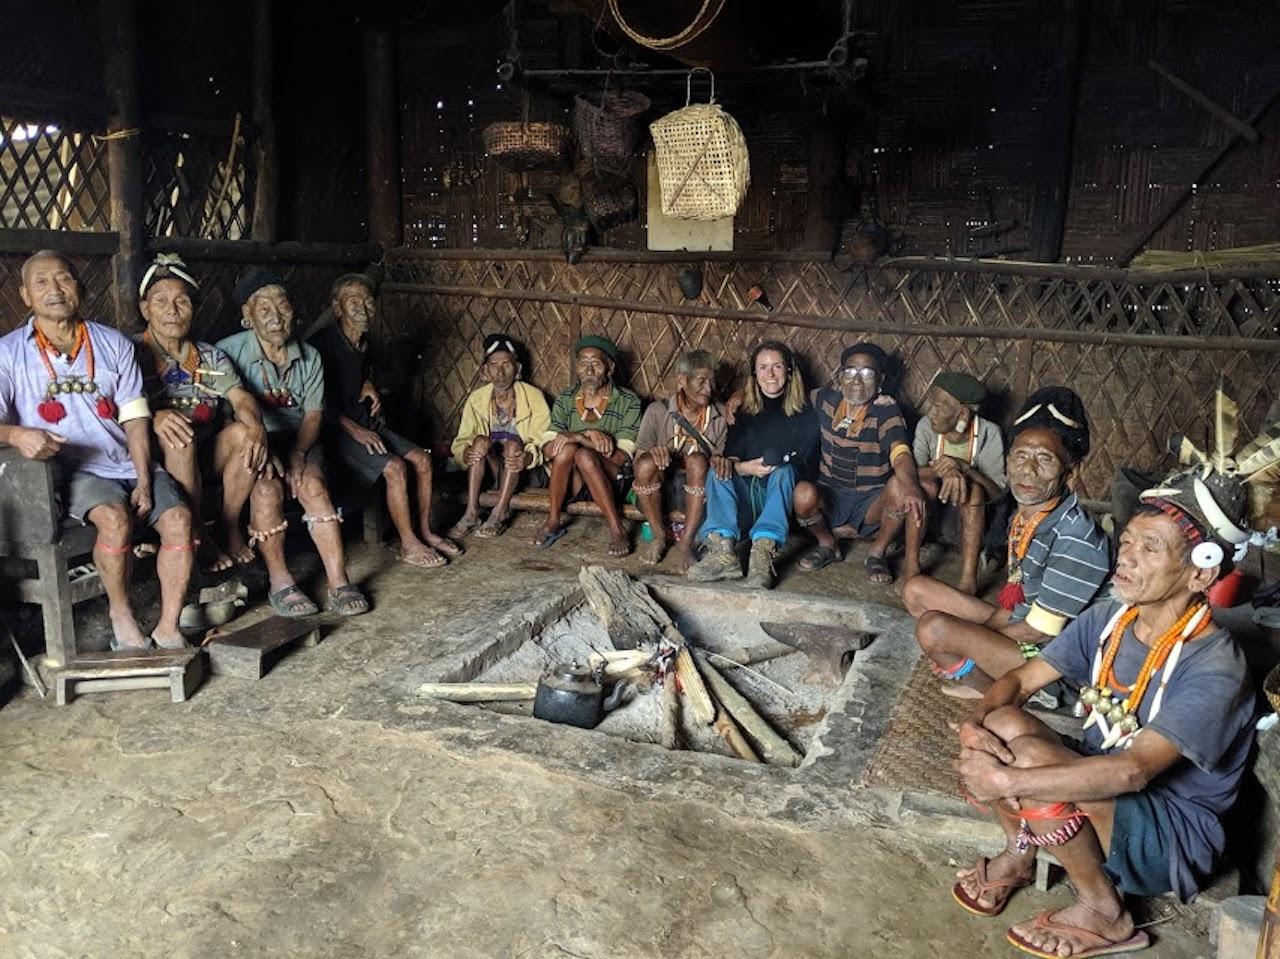 Impressionen vom Stamm der Naga in Nordost-Indien